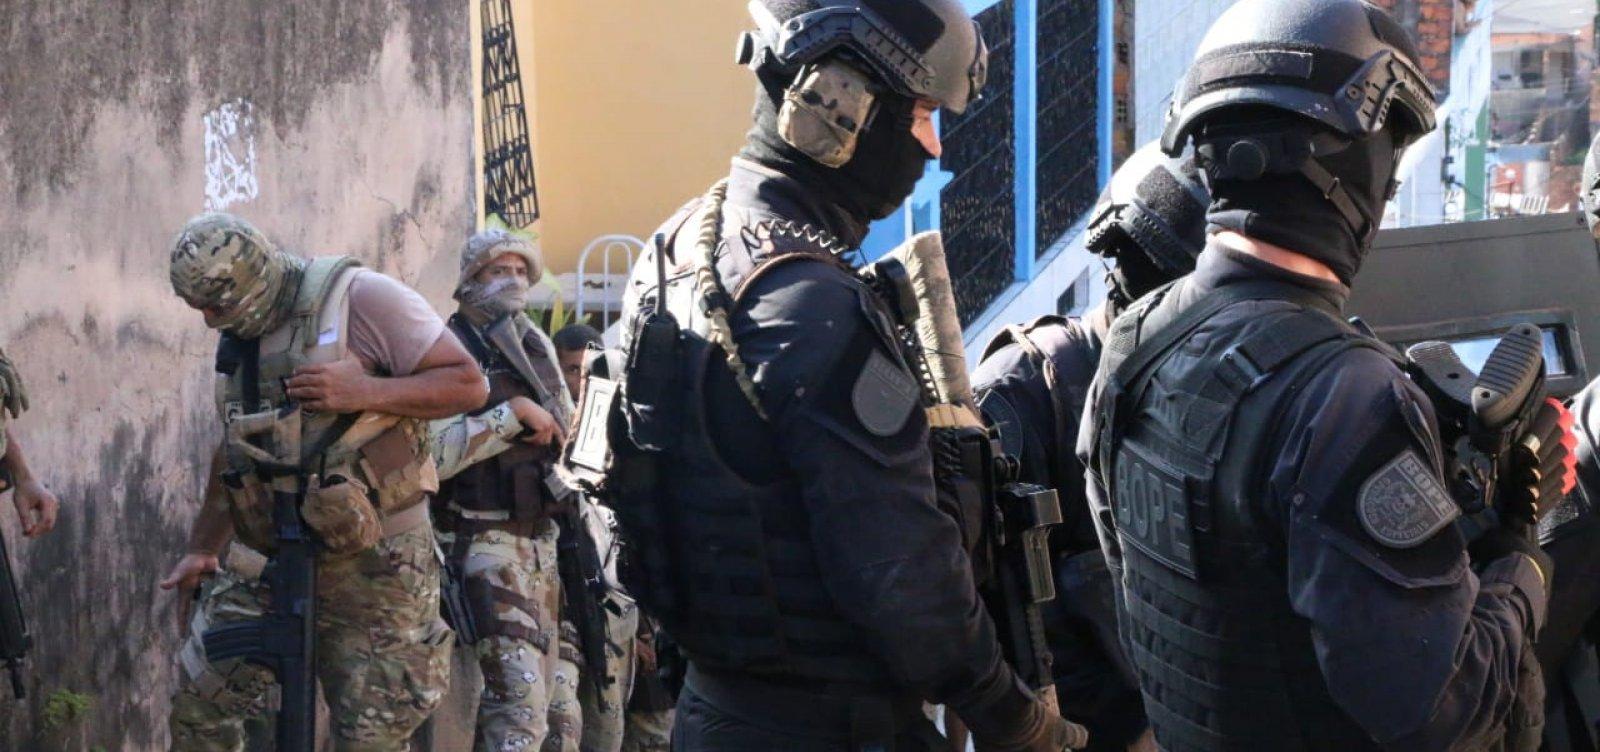 Polícias Militar e Civil prendem quatro pessoas armadas no bairro Sete de Abril, em Salvador